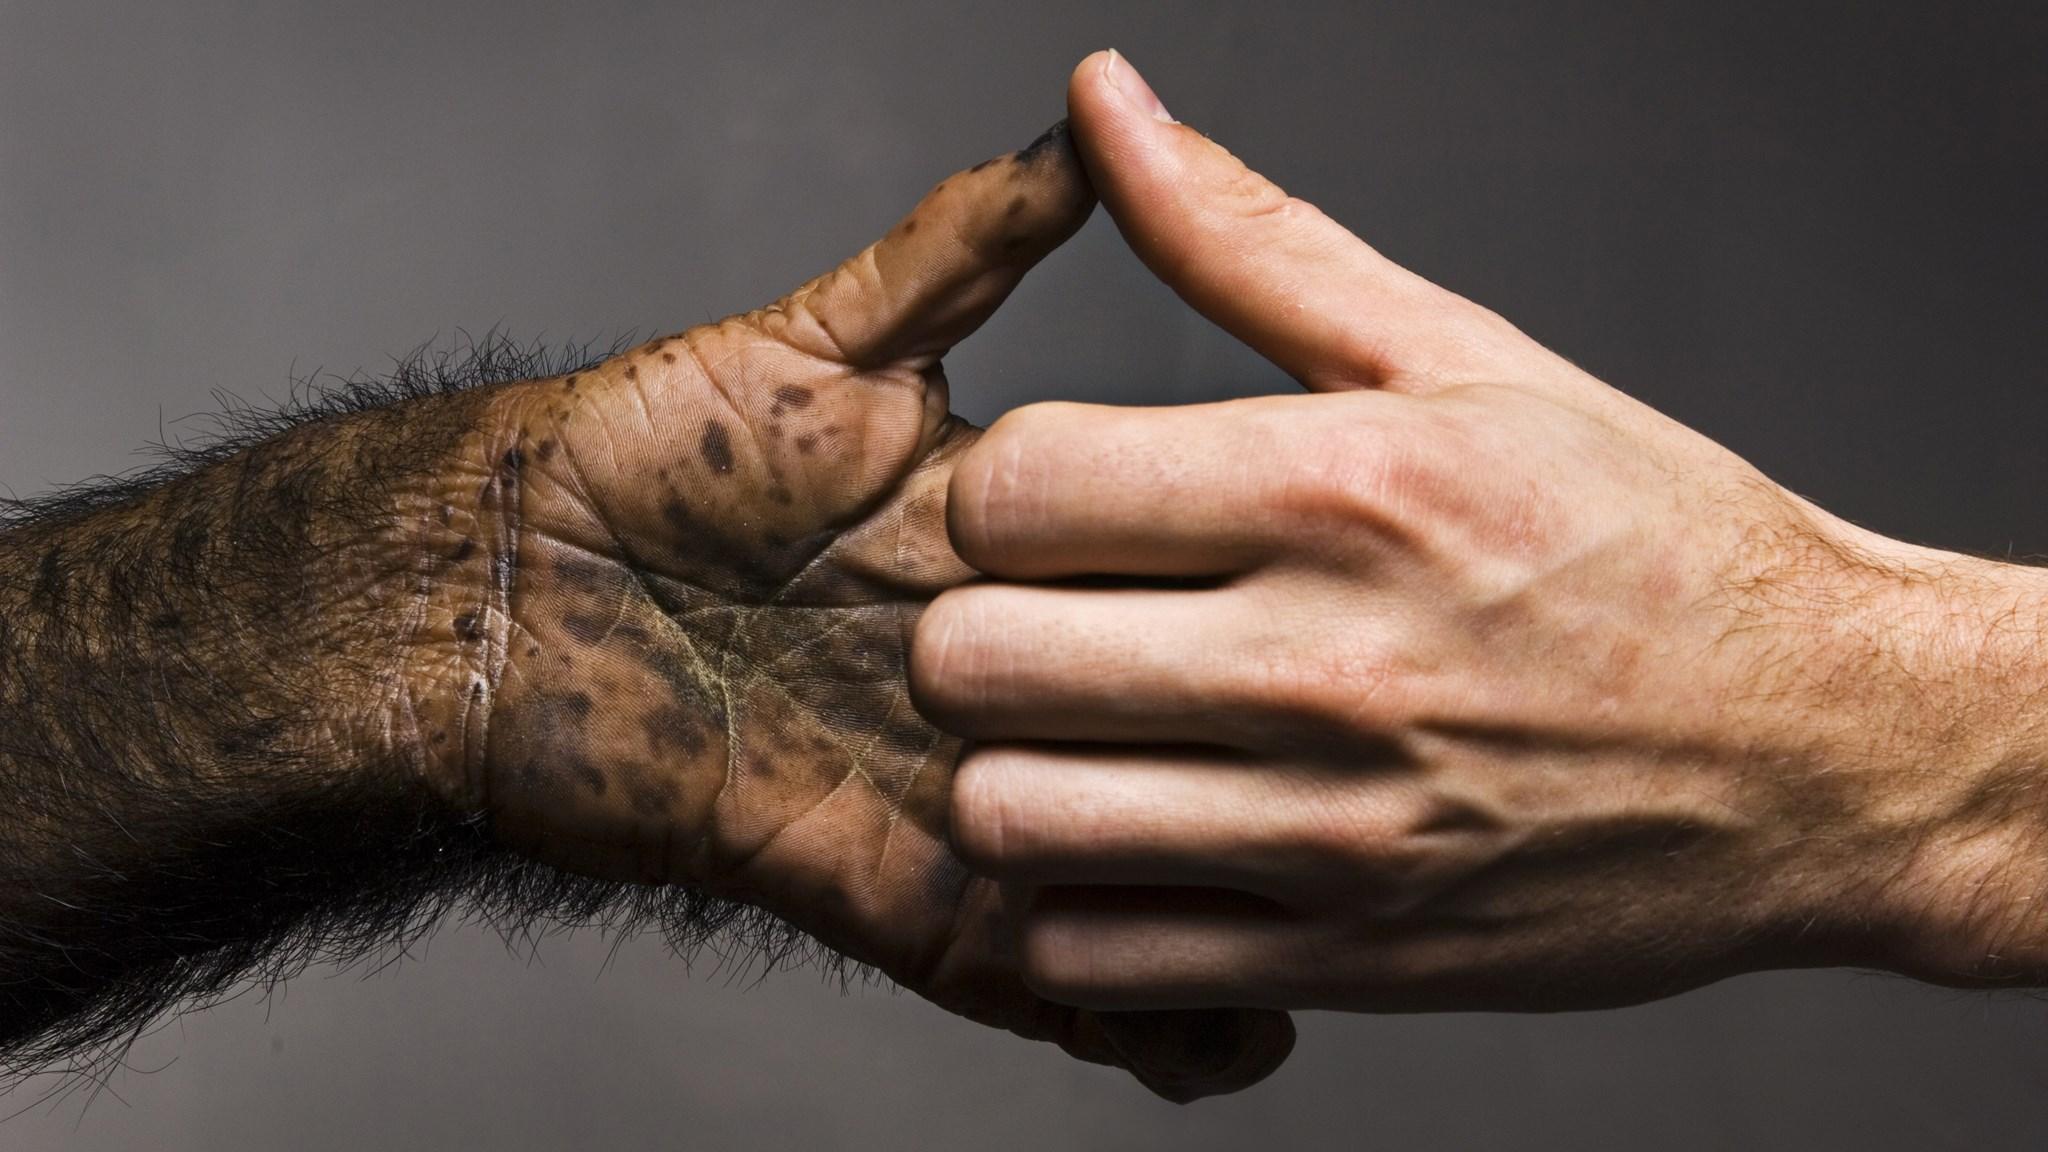 Эволюция человеческих рук и ног, вероятно, происходила одновременно